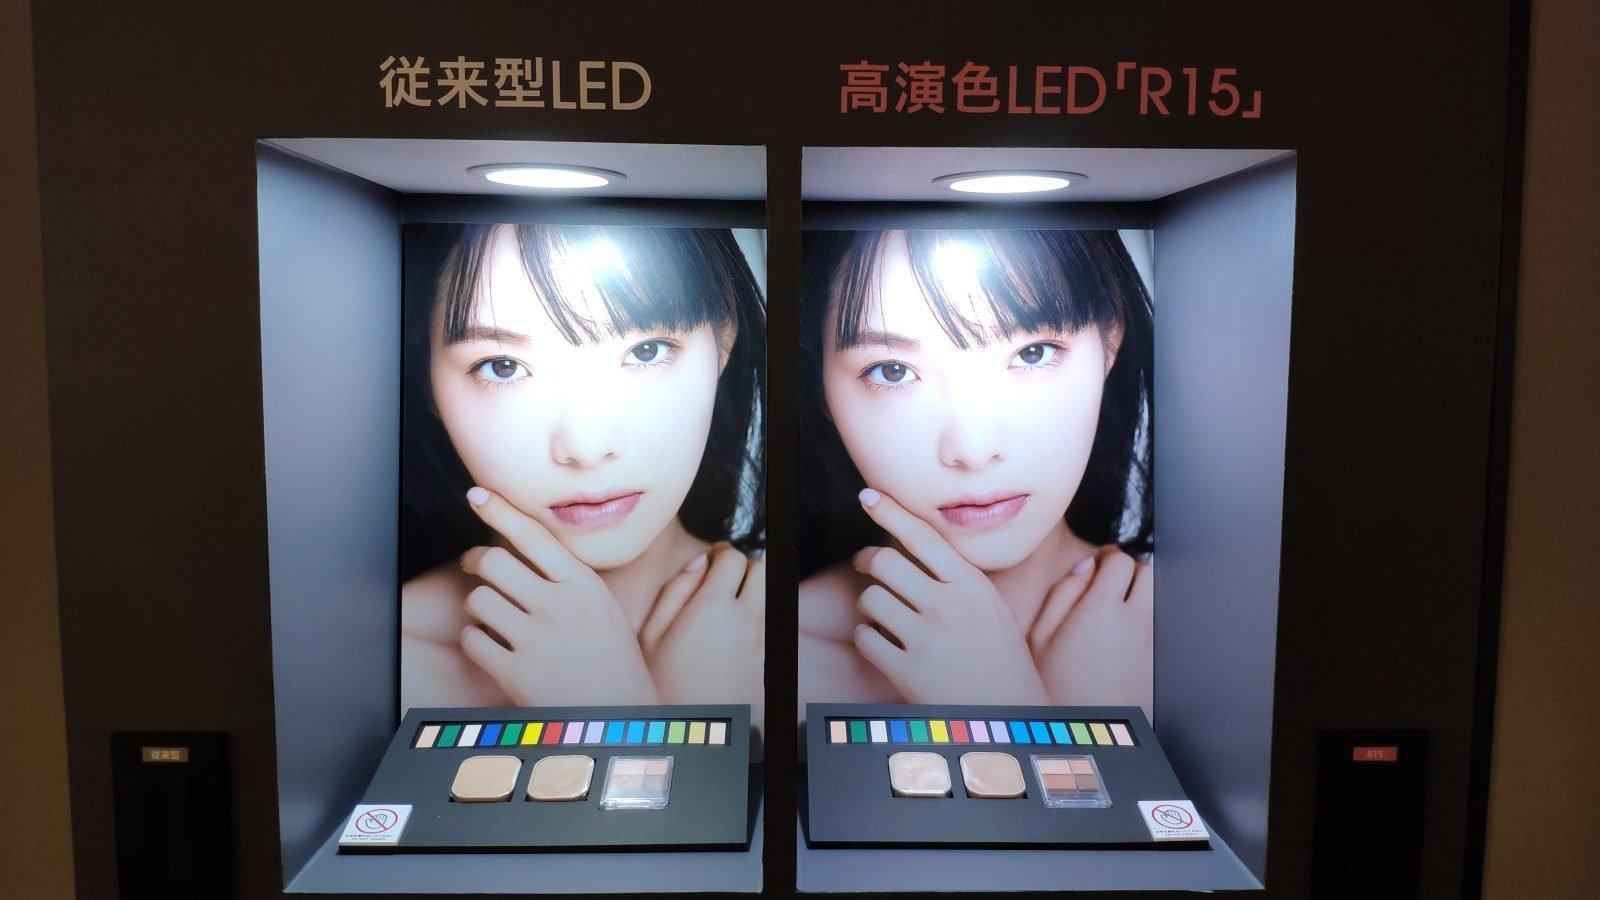 左側が従来のLED、右側がR15(Ra94)の高演色LED